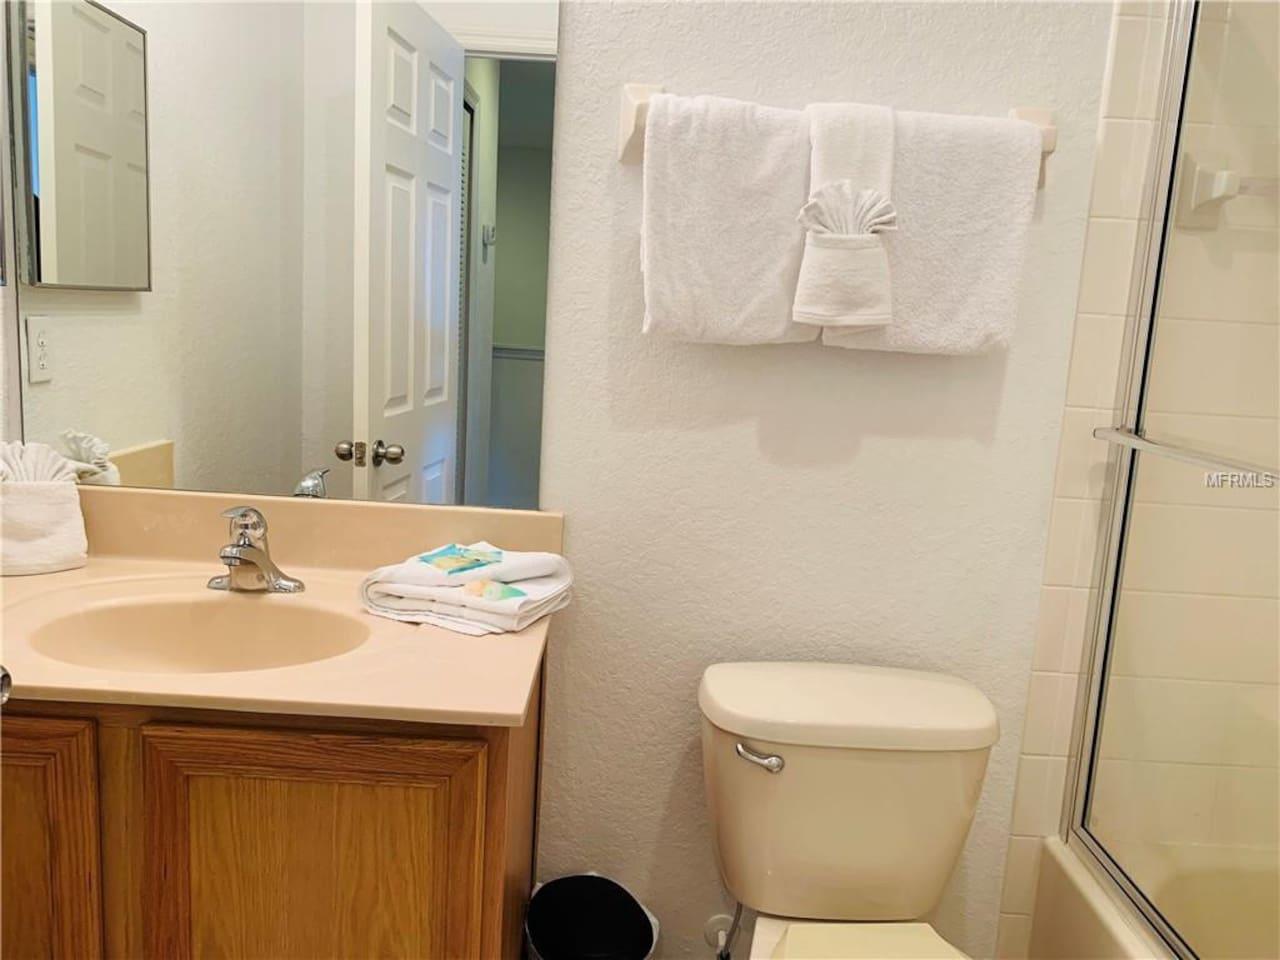 Upstairs - Master room washroom